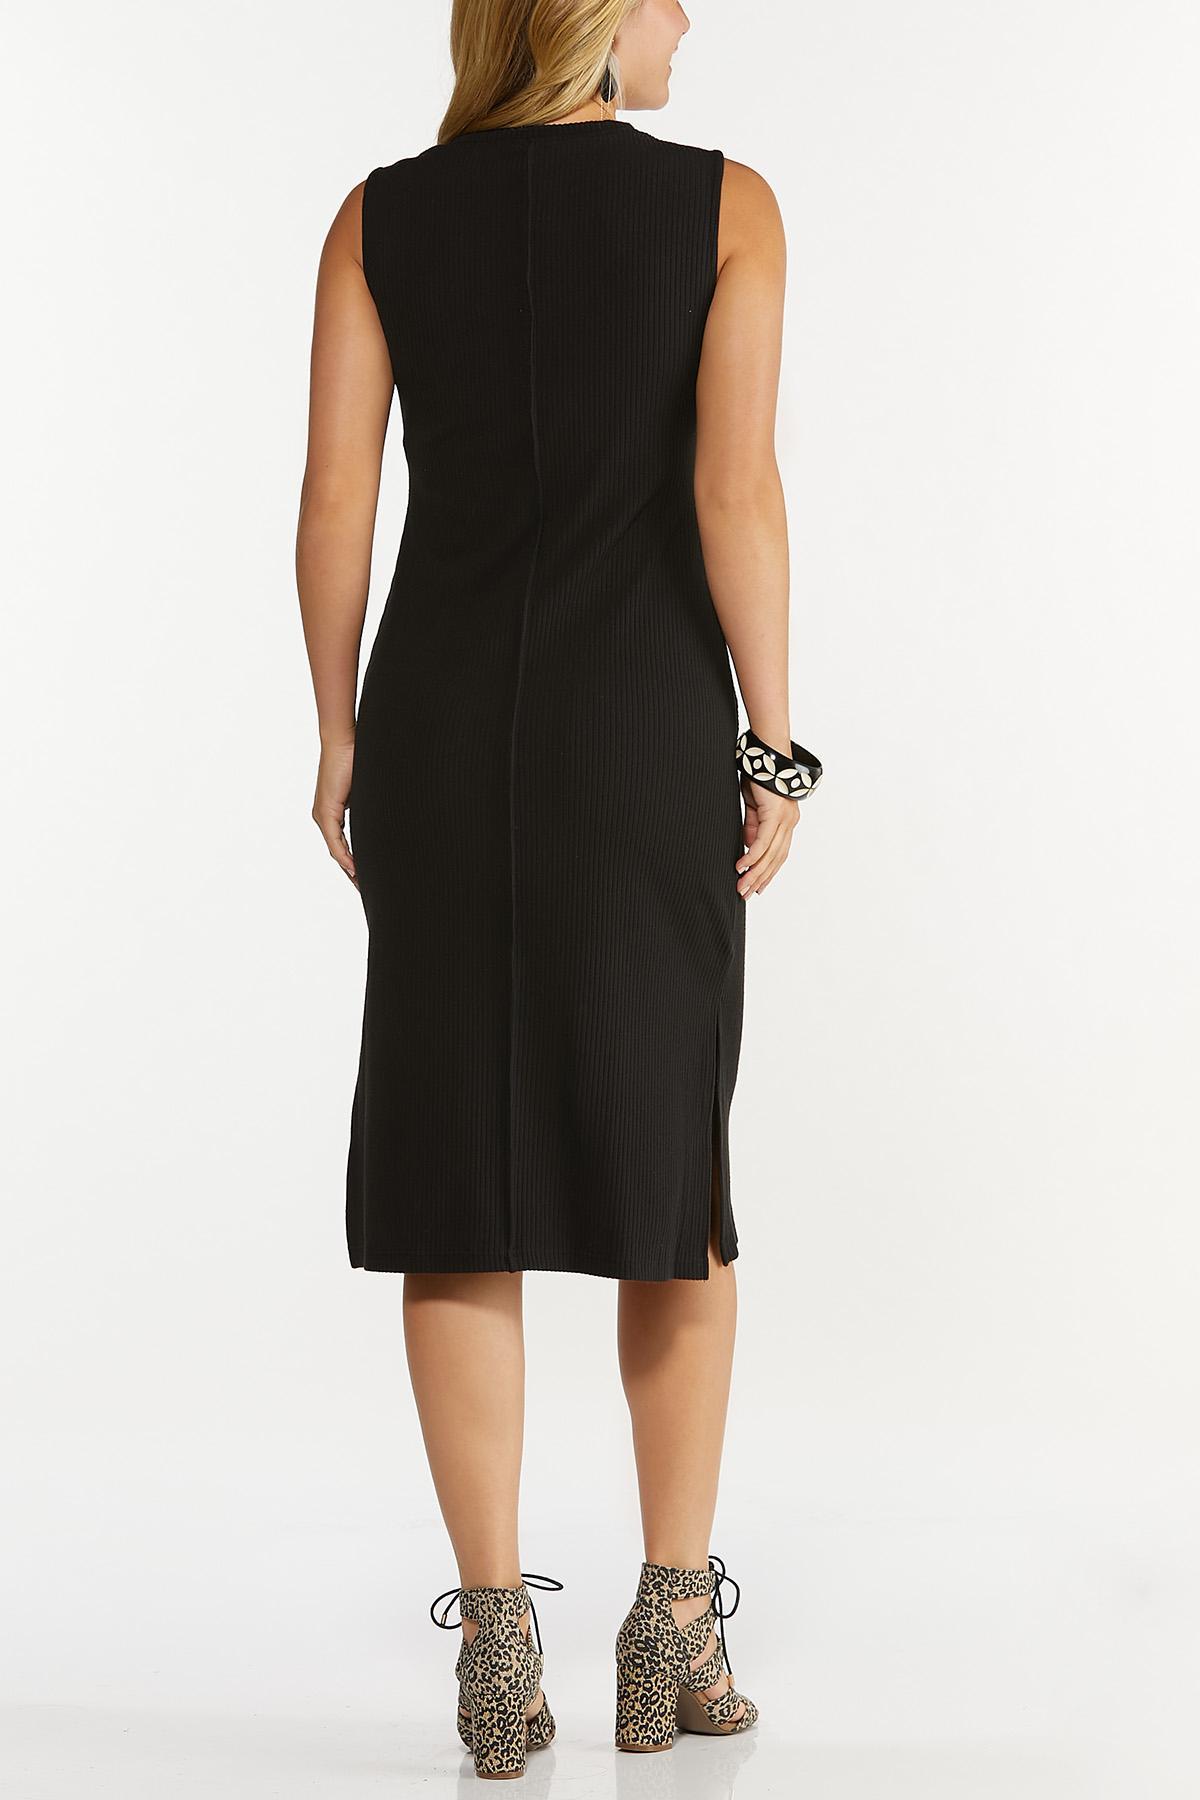 Plus Size Black Ribbed Midi Dress (Item #44660960)